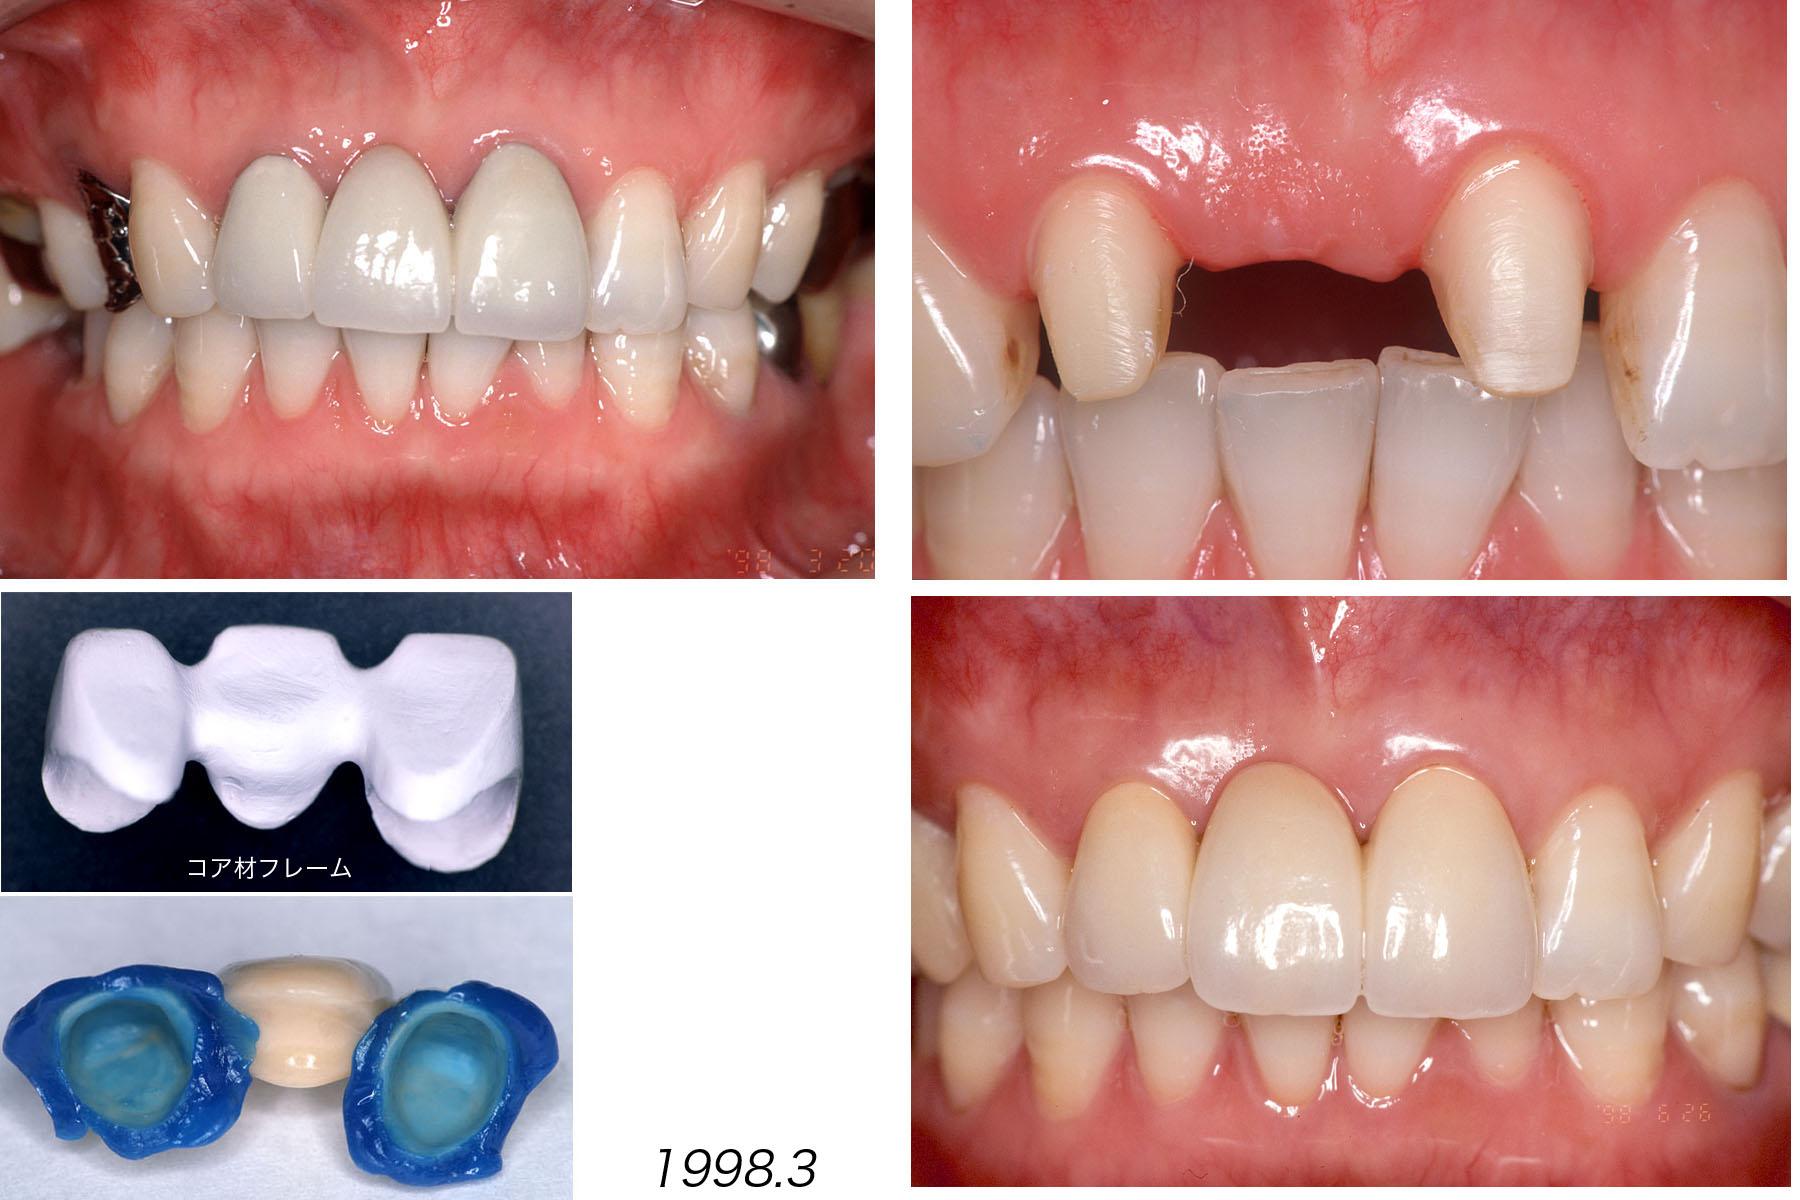 上顎の前歯部ブリッジ  Case 8_f0103459_15552787.jpg